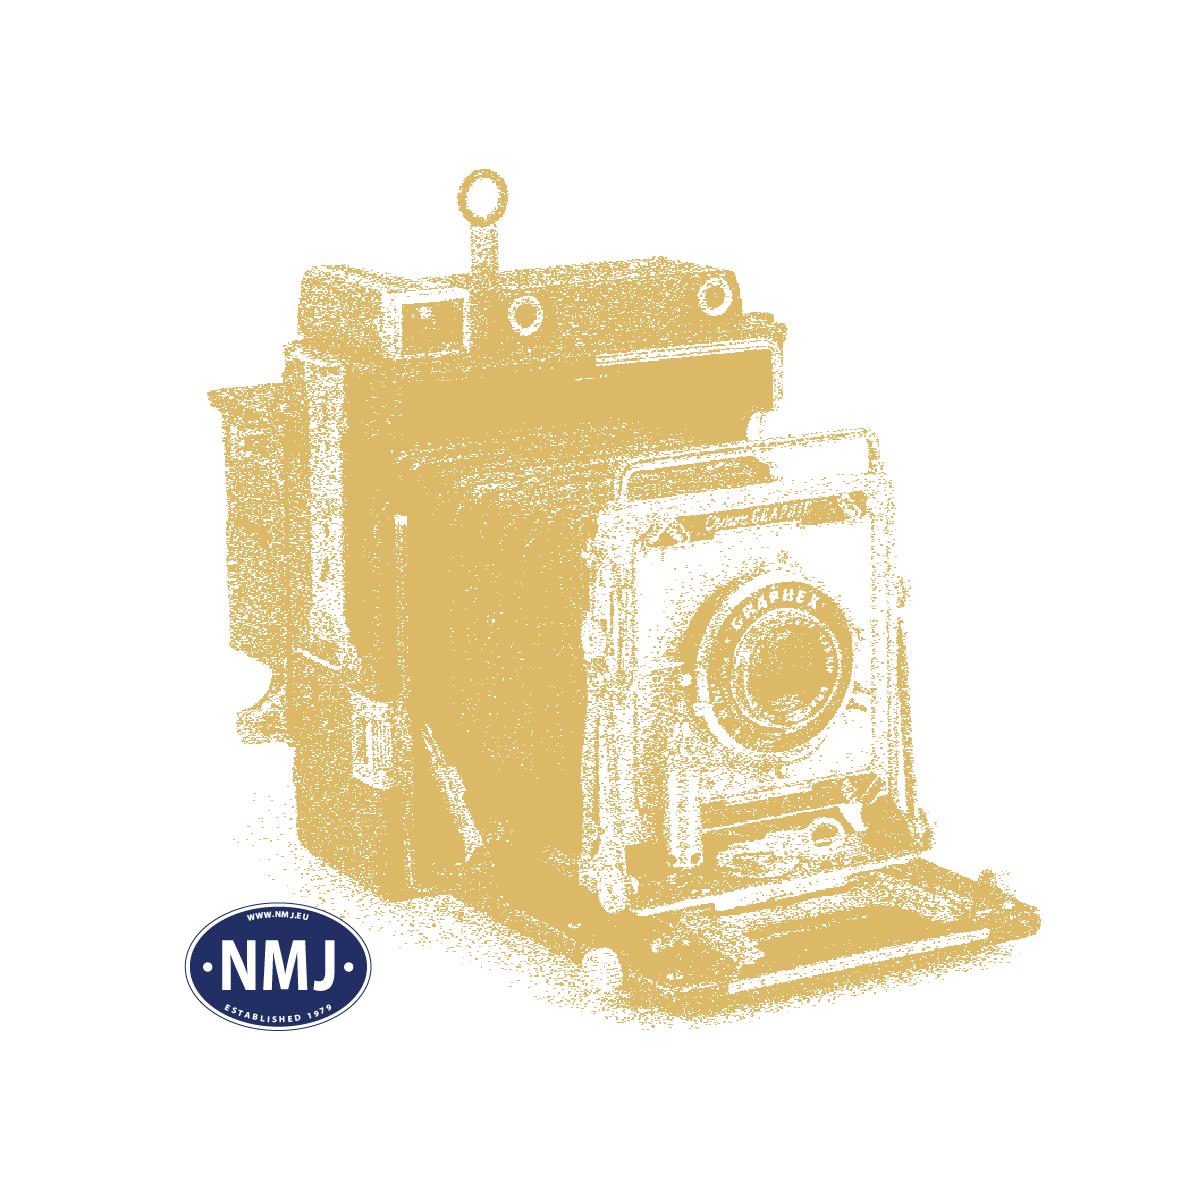 NMJT86.101AC - NMJ Topline NSB El11.2098, Grønn, AC Digital